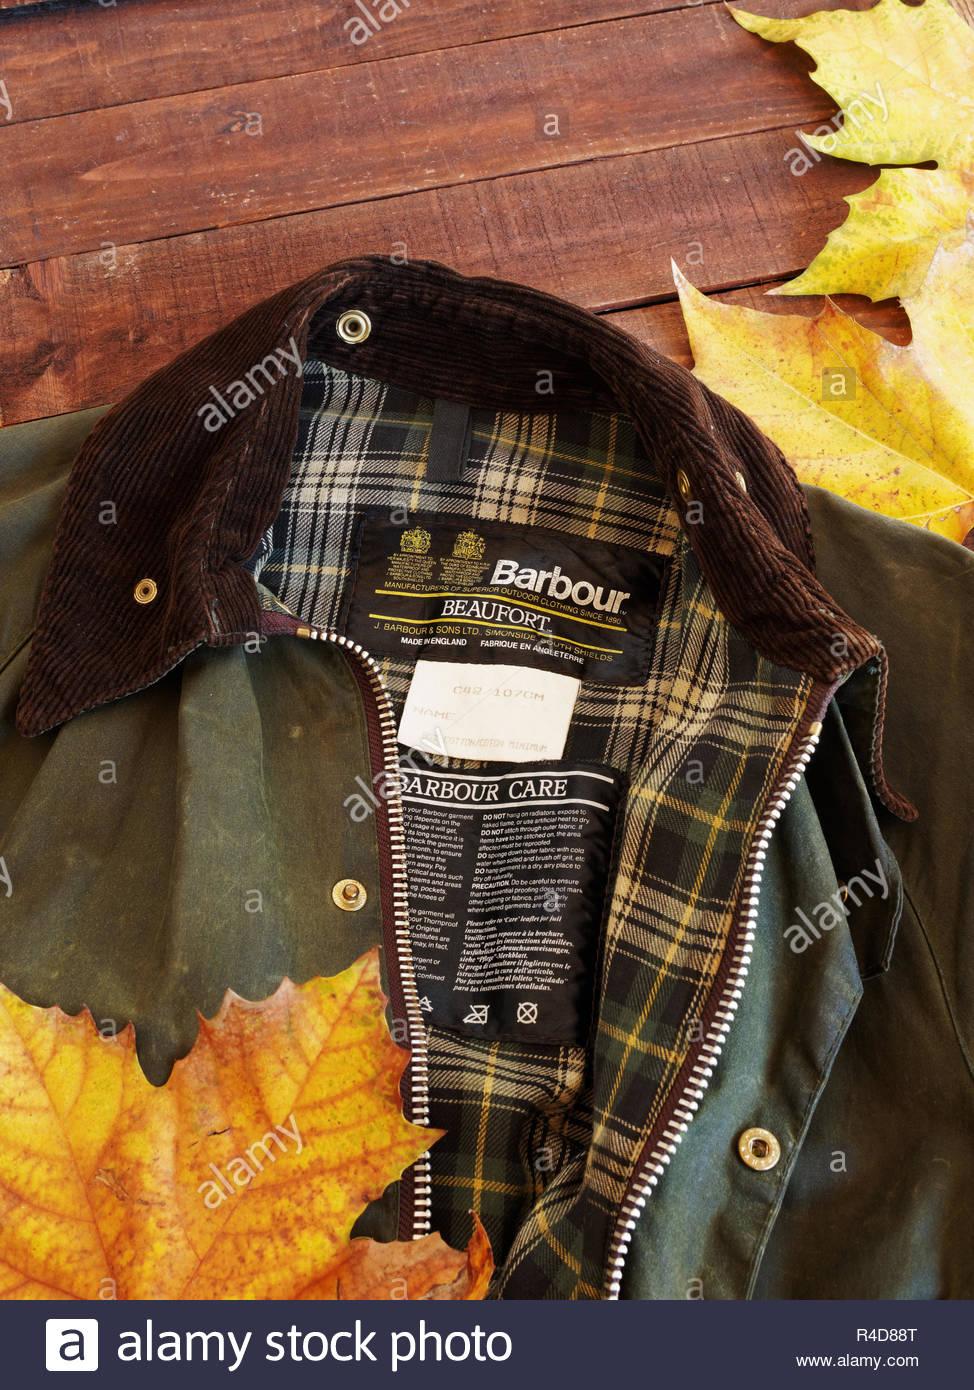 Ben indossato uomo verde Barbour giacca marrone su sfondo di legno con  foglie di autunno Immagini 14ae064d7583